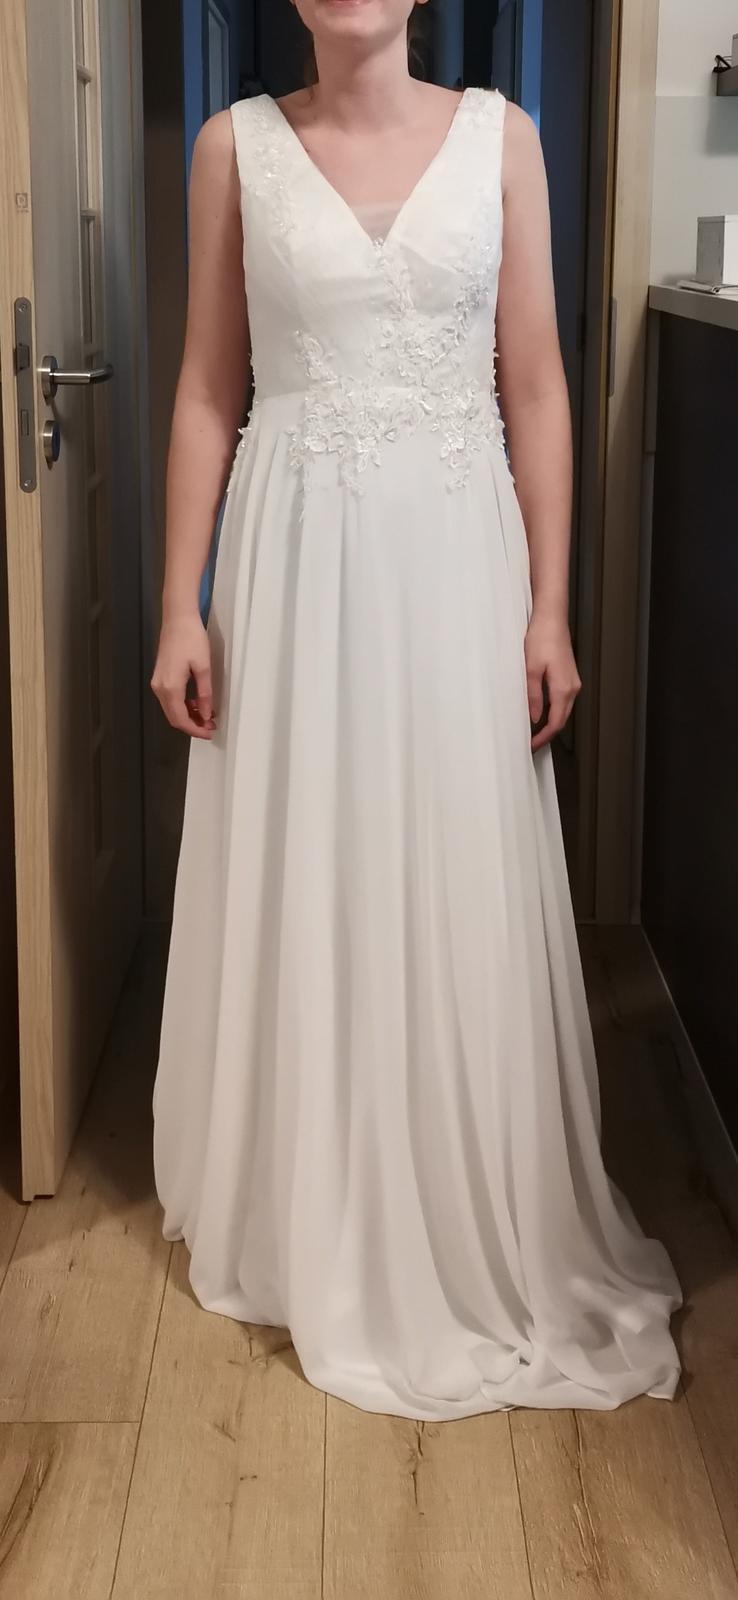 biele šaty vhodné aj ako popolnočné  - Obrázok č. 1